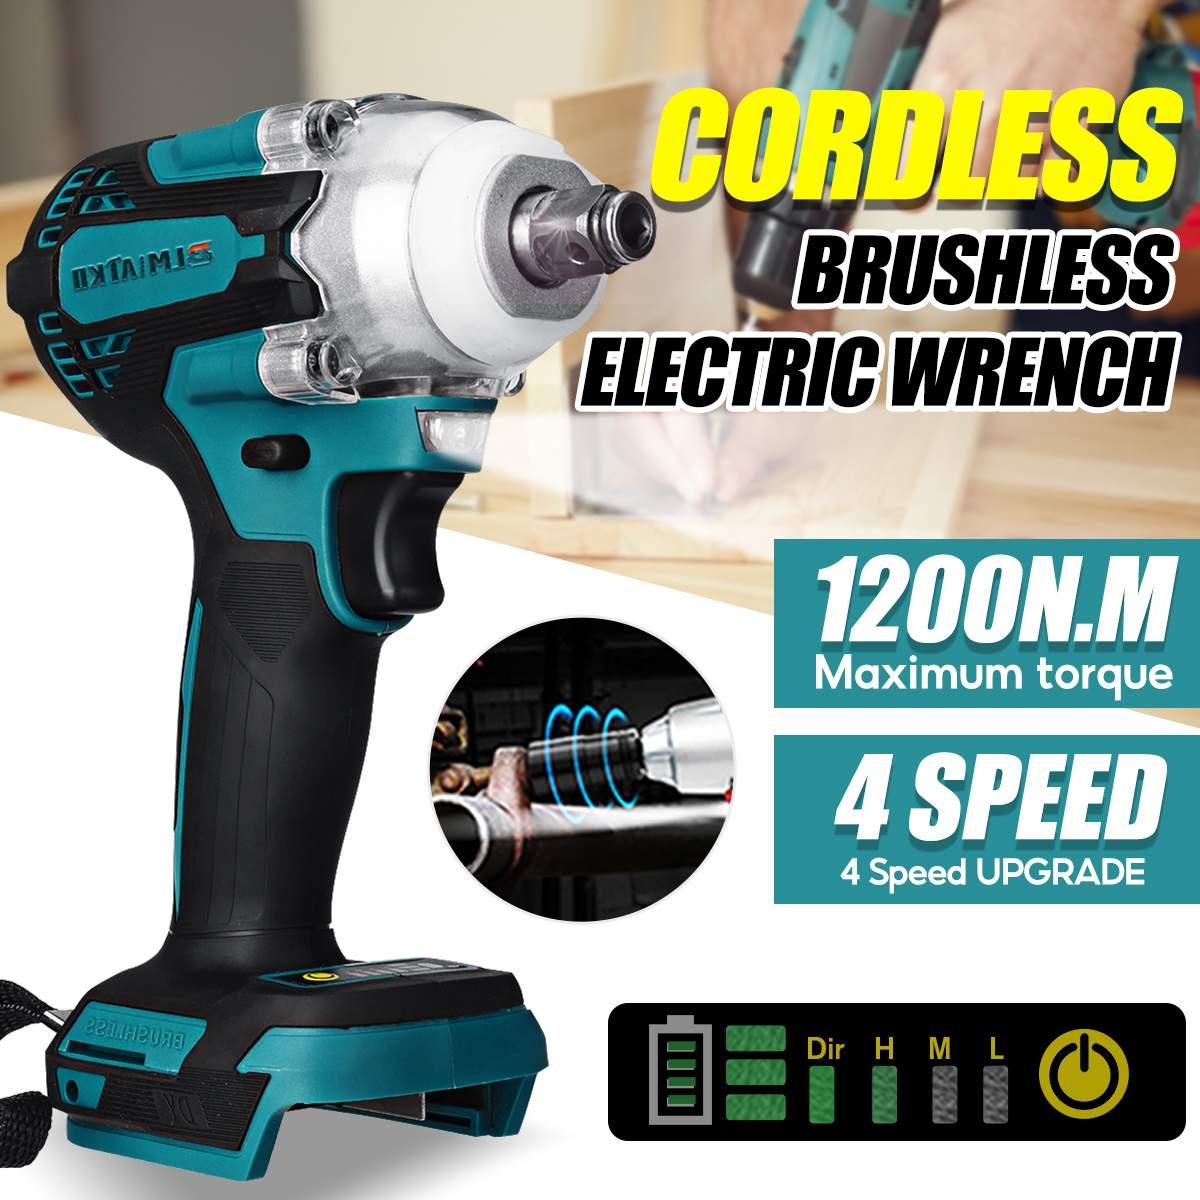 ترقية فرش اللاسلكي 4 سرعة مفتاح برغي كهربائي قابلة للشحن 1/2 بوصة وجع أدوات كهربائية للبطارية ماكيتا 18 فولت